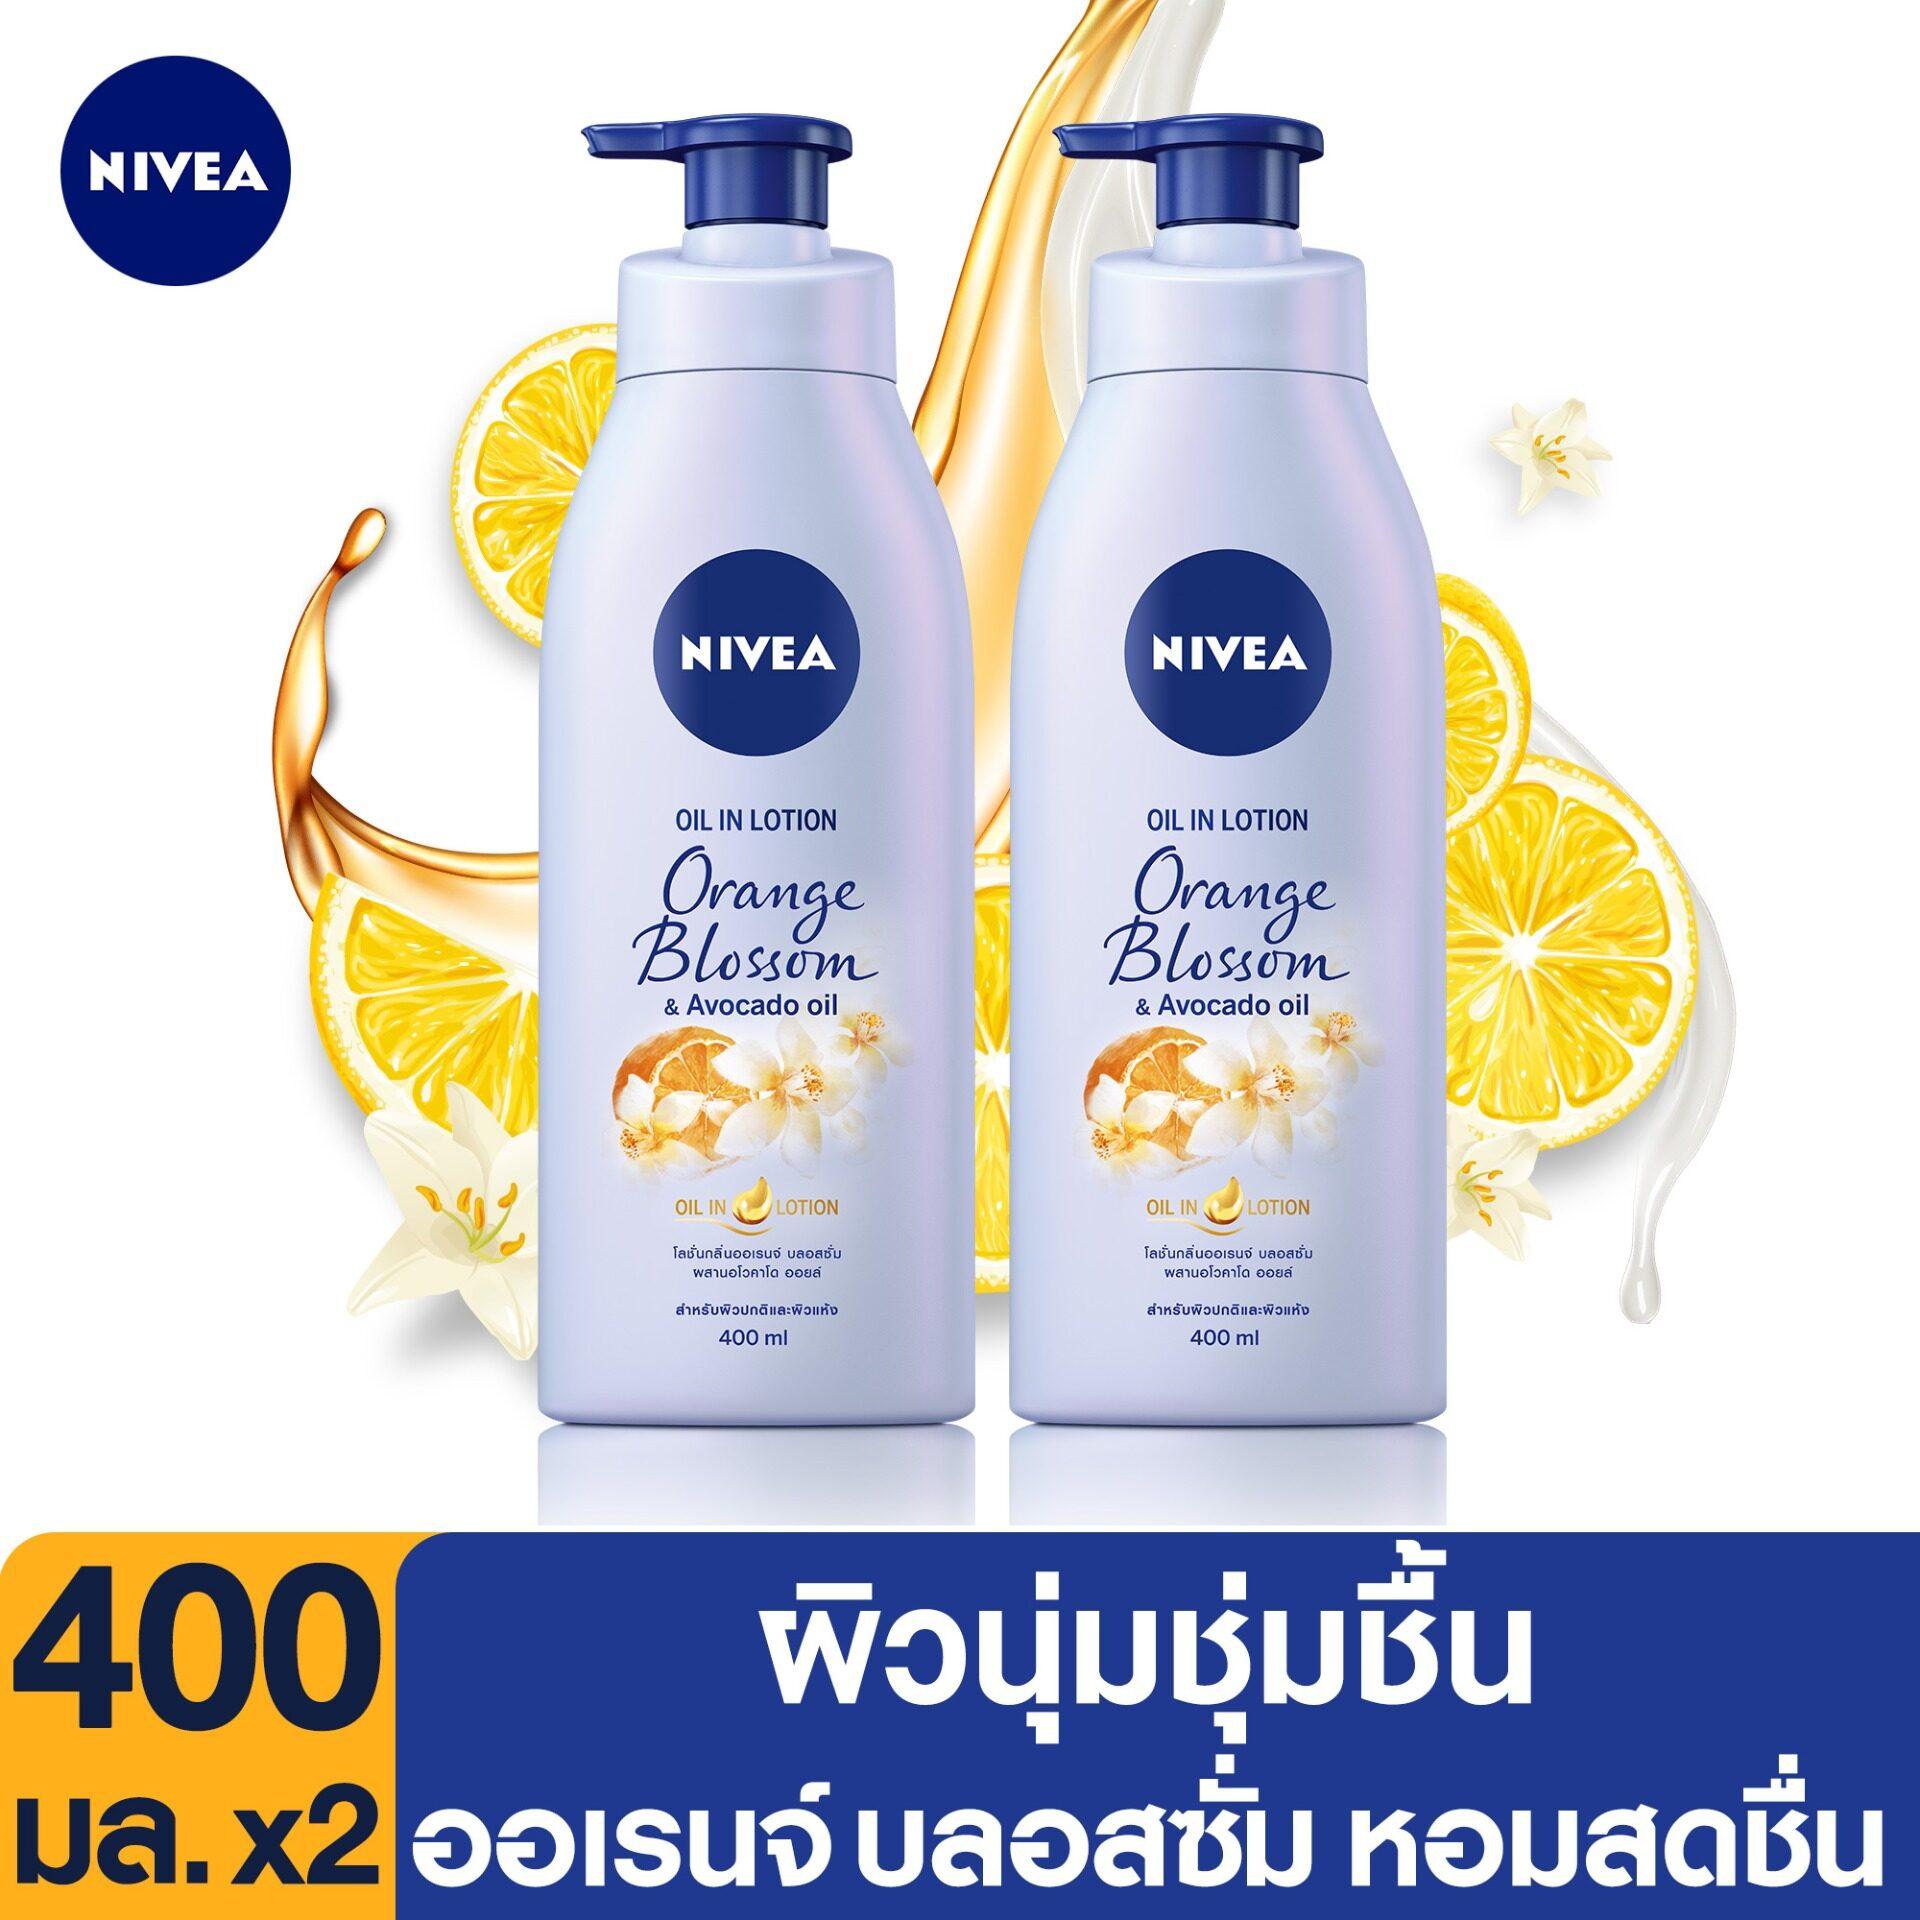 นีเวีย ออยล์ อิน ออเรนจ์ บลอสซั่ม 400 มล. 2 ชิ้น NIVEA Oil in lotion Orange Blossom 400 ml. 2 pcs. (ครีมบำรุงผิว, มอยเจอร์ไรเซอร์, น้ำหอม, ออยทาตัว, ครีมทาผิวขาว, โลชั่นผิวขาว, ป้องกัน, ผิวแห้ง, ดูแลผิว, ลดรอยแตกลาย, ผิวเนียน, ผิวขาดน้ำ)